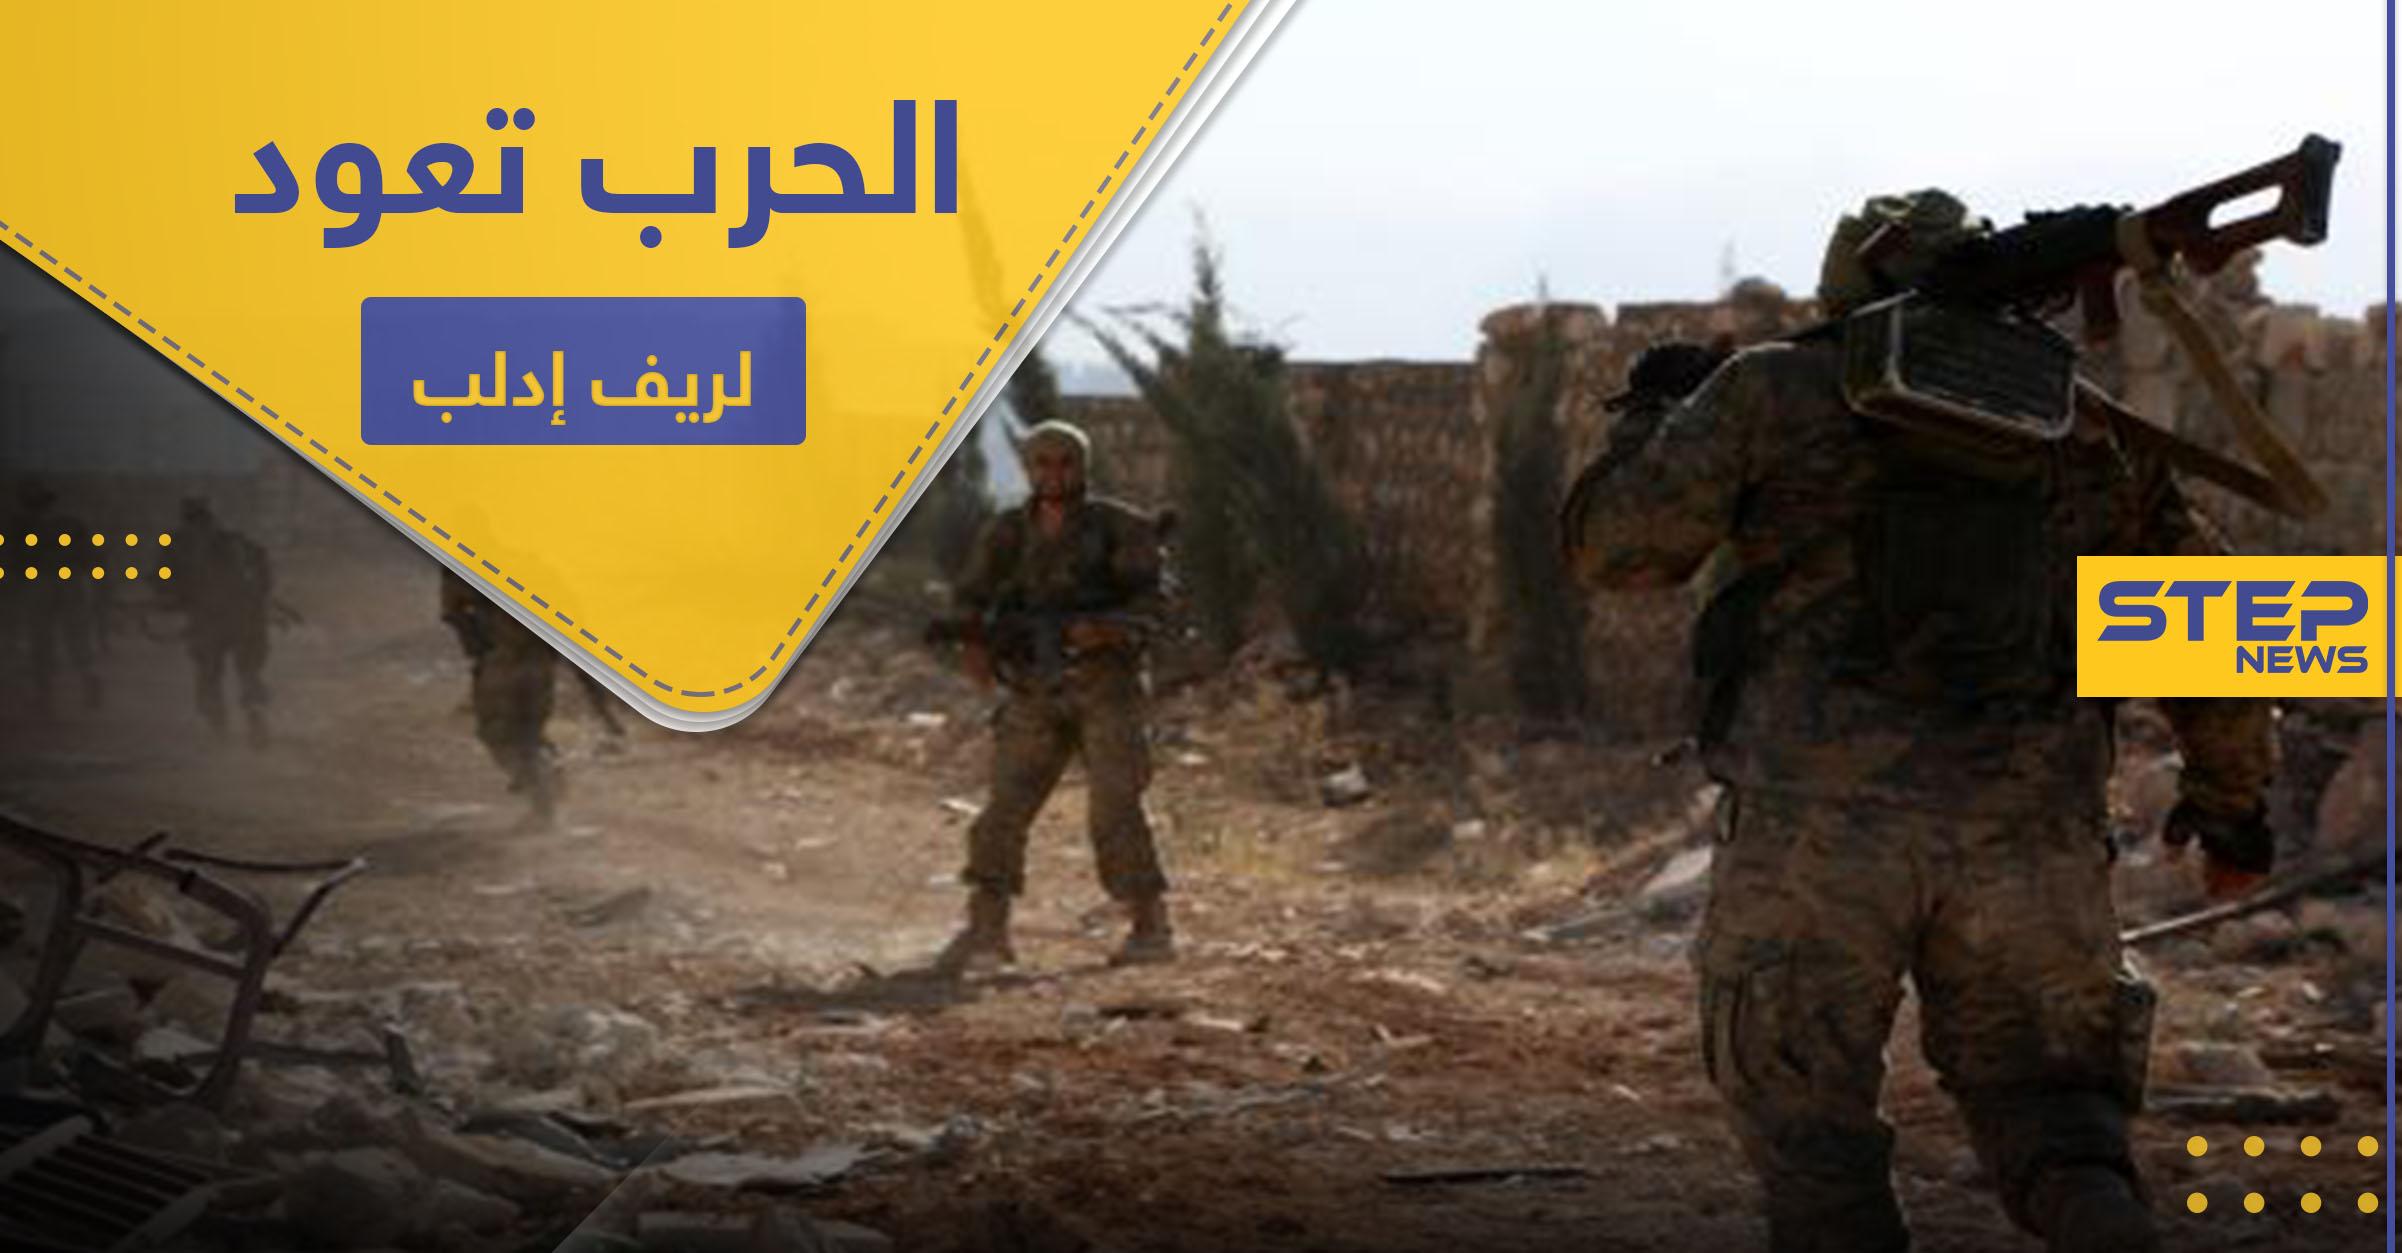 معارك عنيفة بين قوات النظام السوري والمعارضة بـ ريف إدلب الجنوبي